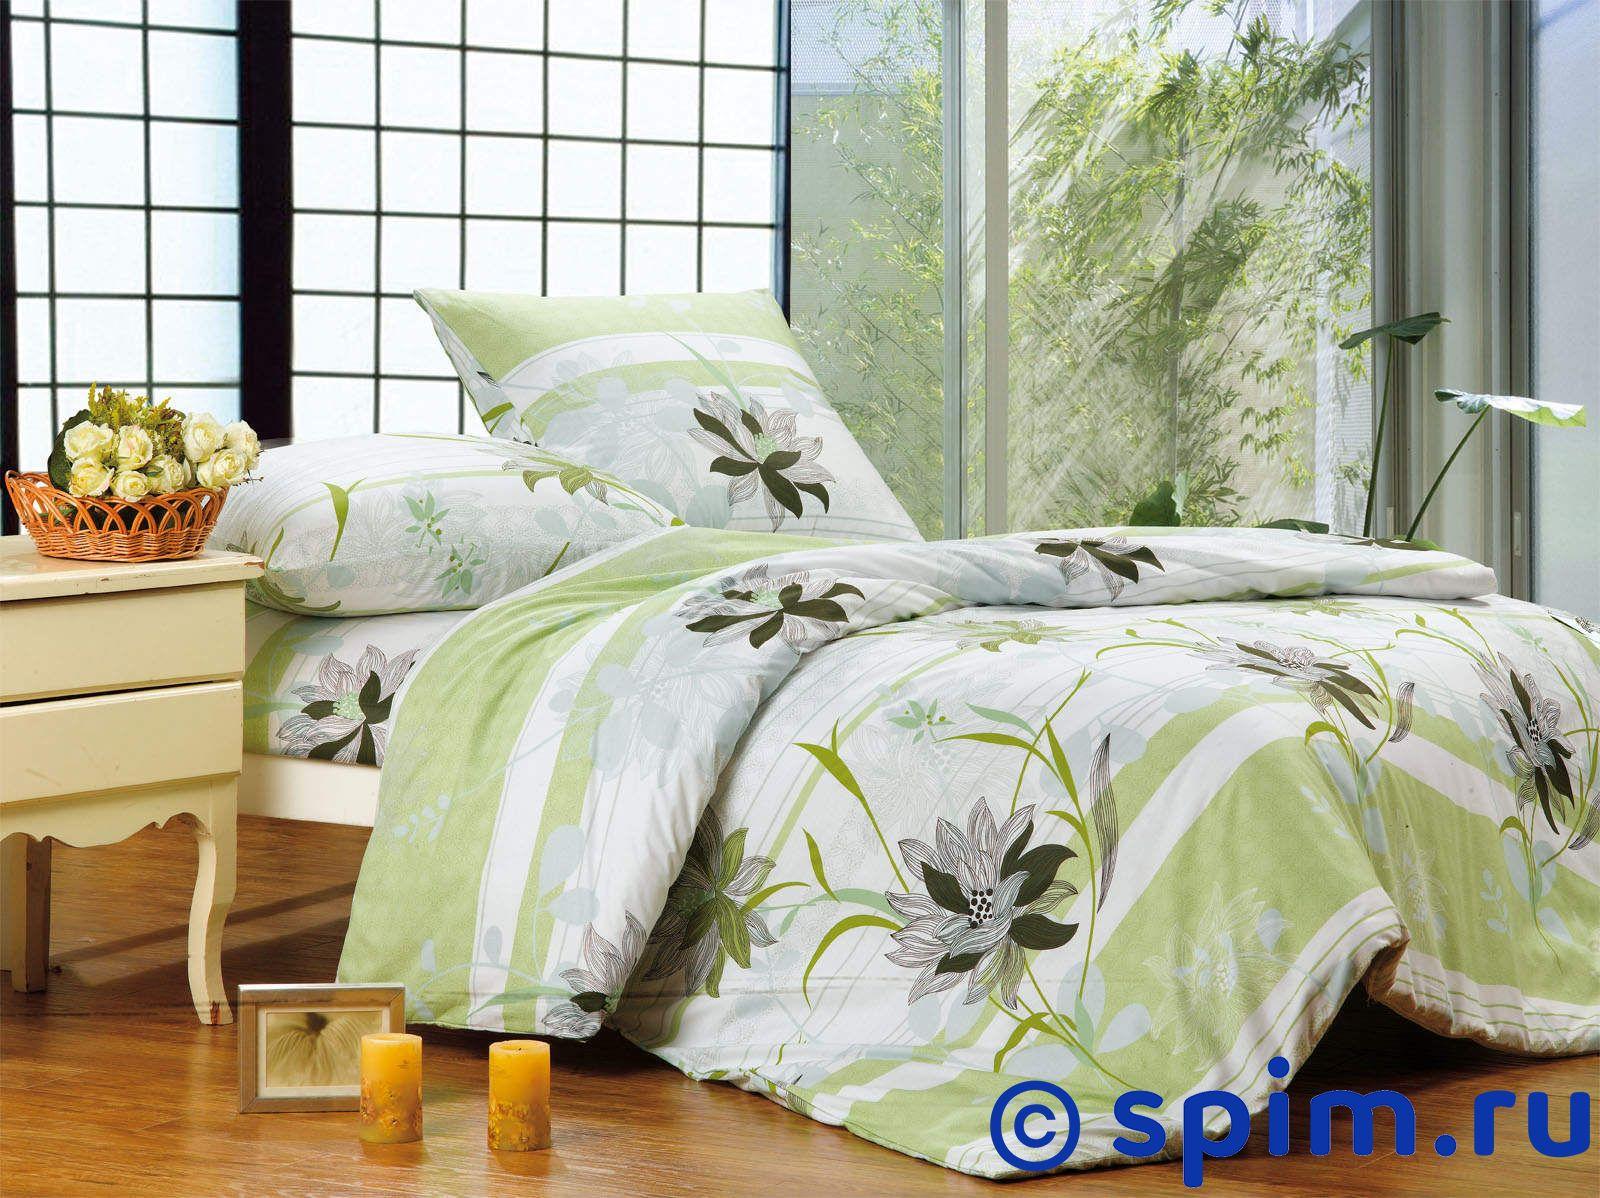 Комплект СайлиД А108/2 2 спальноеПостельное белье СайлиД<br>Материал: 100% хлопок (поплин). Плотность, г/м2: 125. Размер : 2 спальное<br><br>Размер: 2 спальное